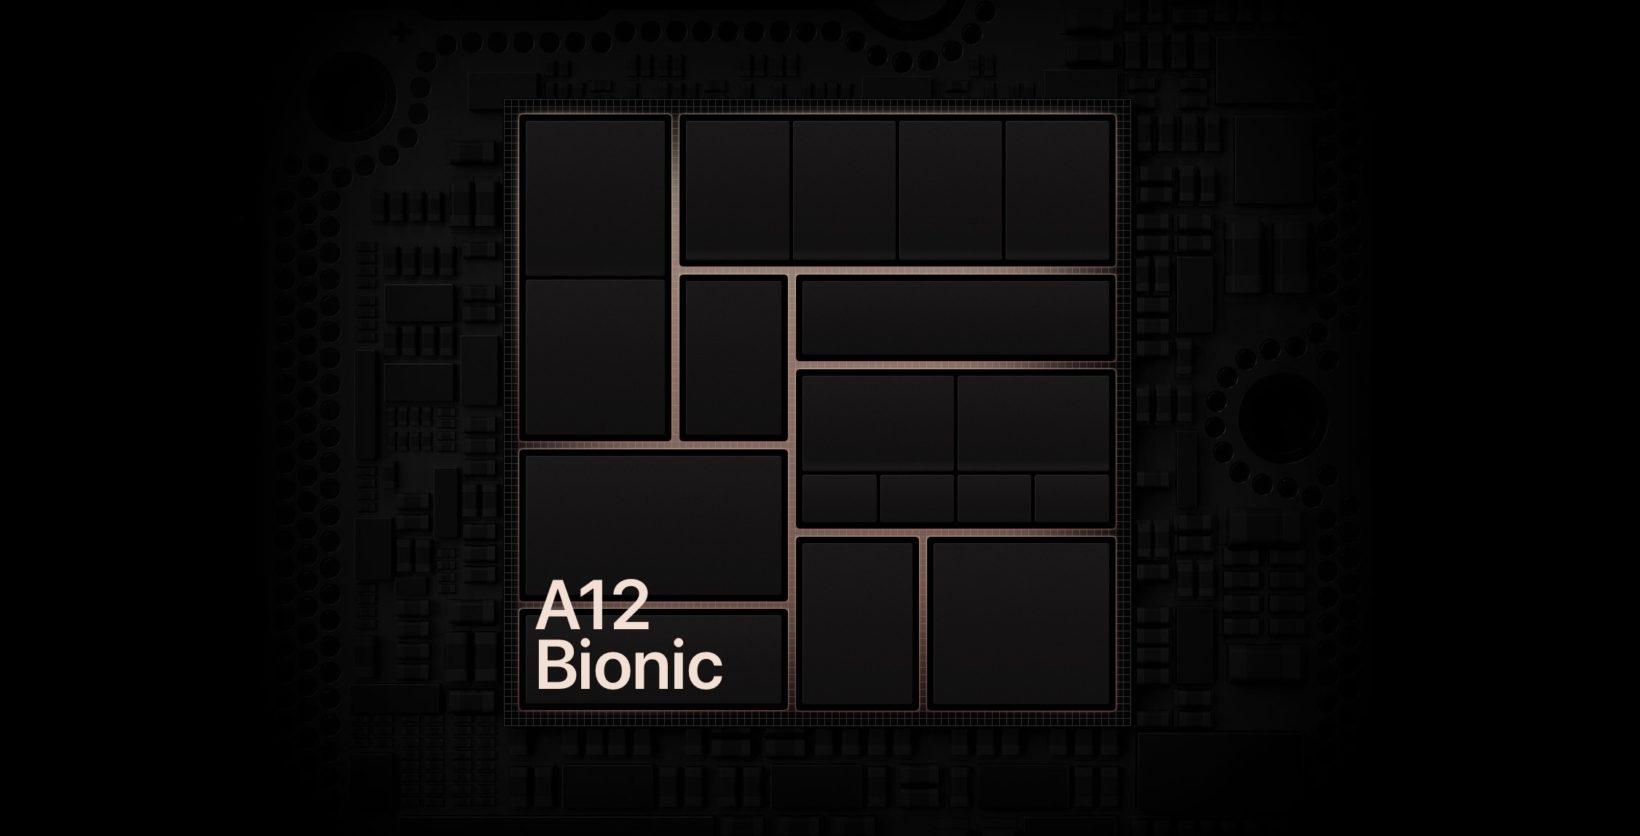 A12 Bionic è il processore di iPhone XS, iPhone XS Max e iPhone XR